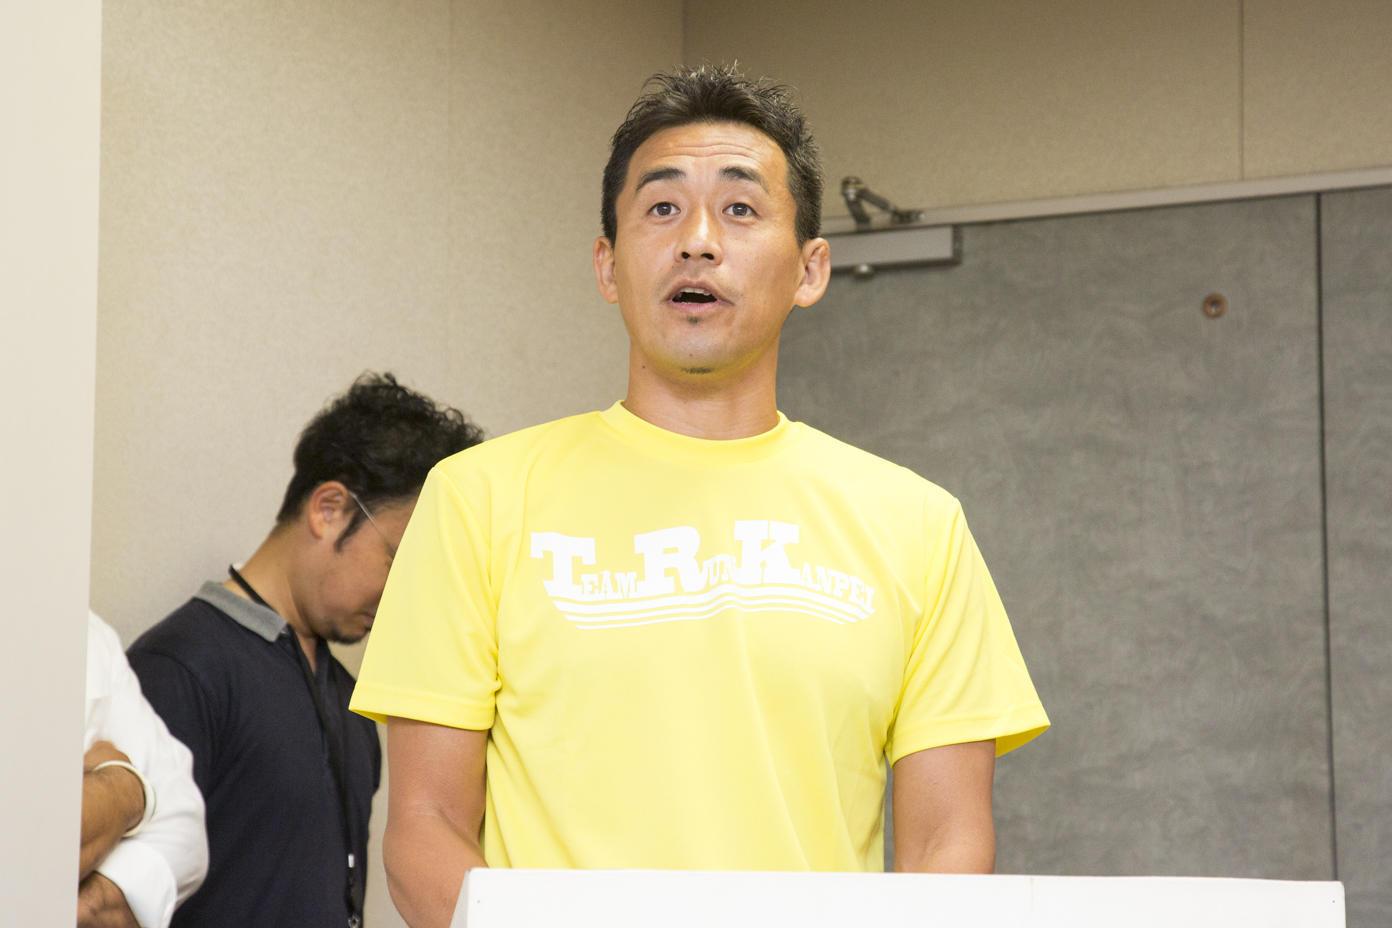 http://news.yoshimoto.co.jp/20170830175108-faa3f90dbb252484020f0ef9d3e884001a67bfb0.jpg